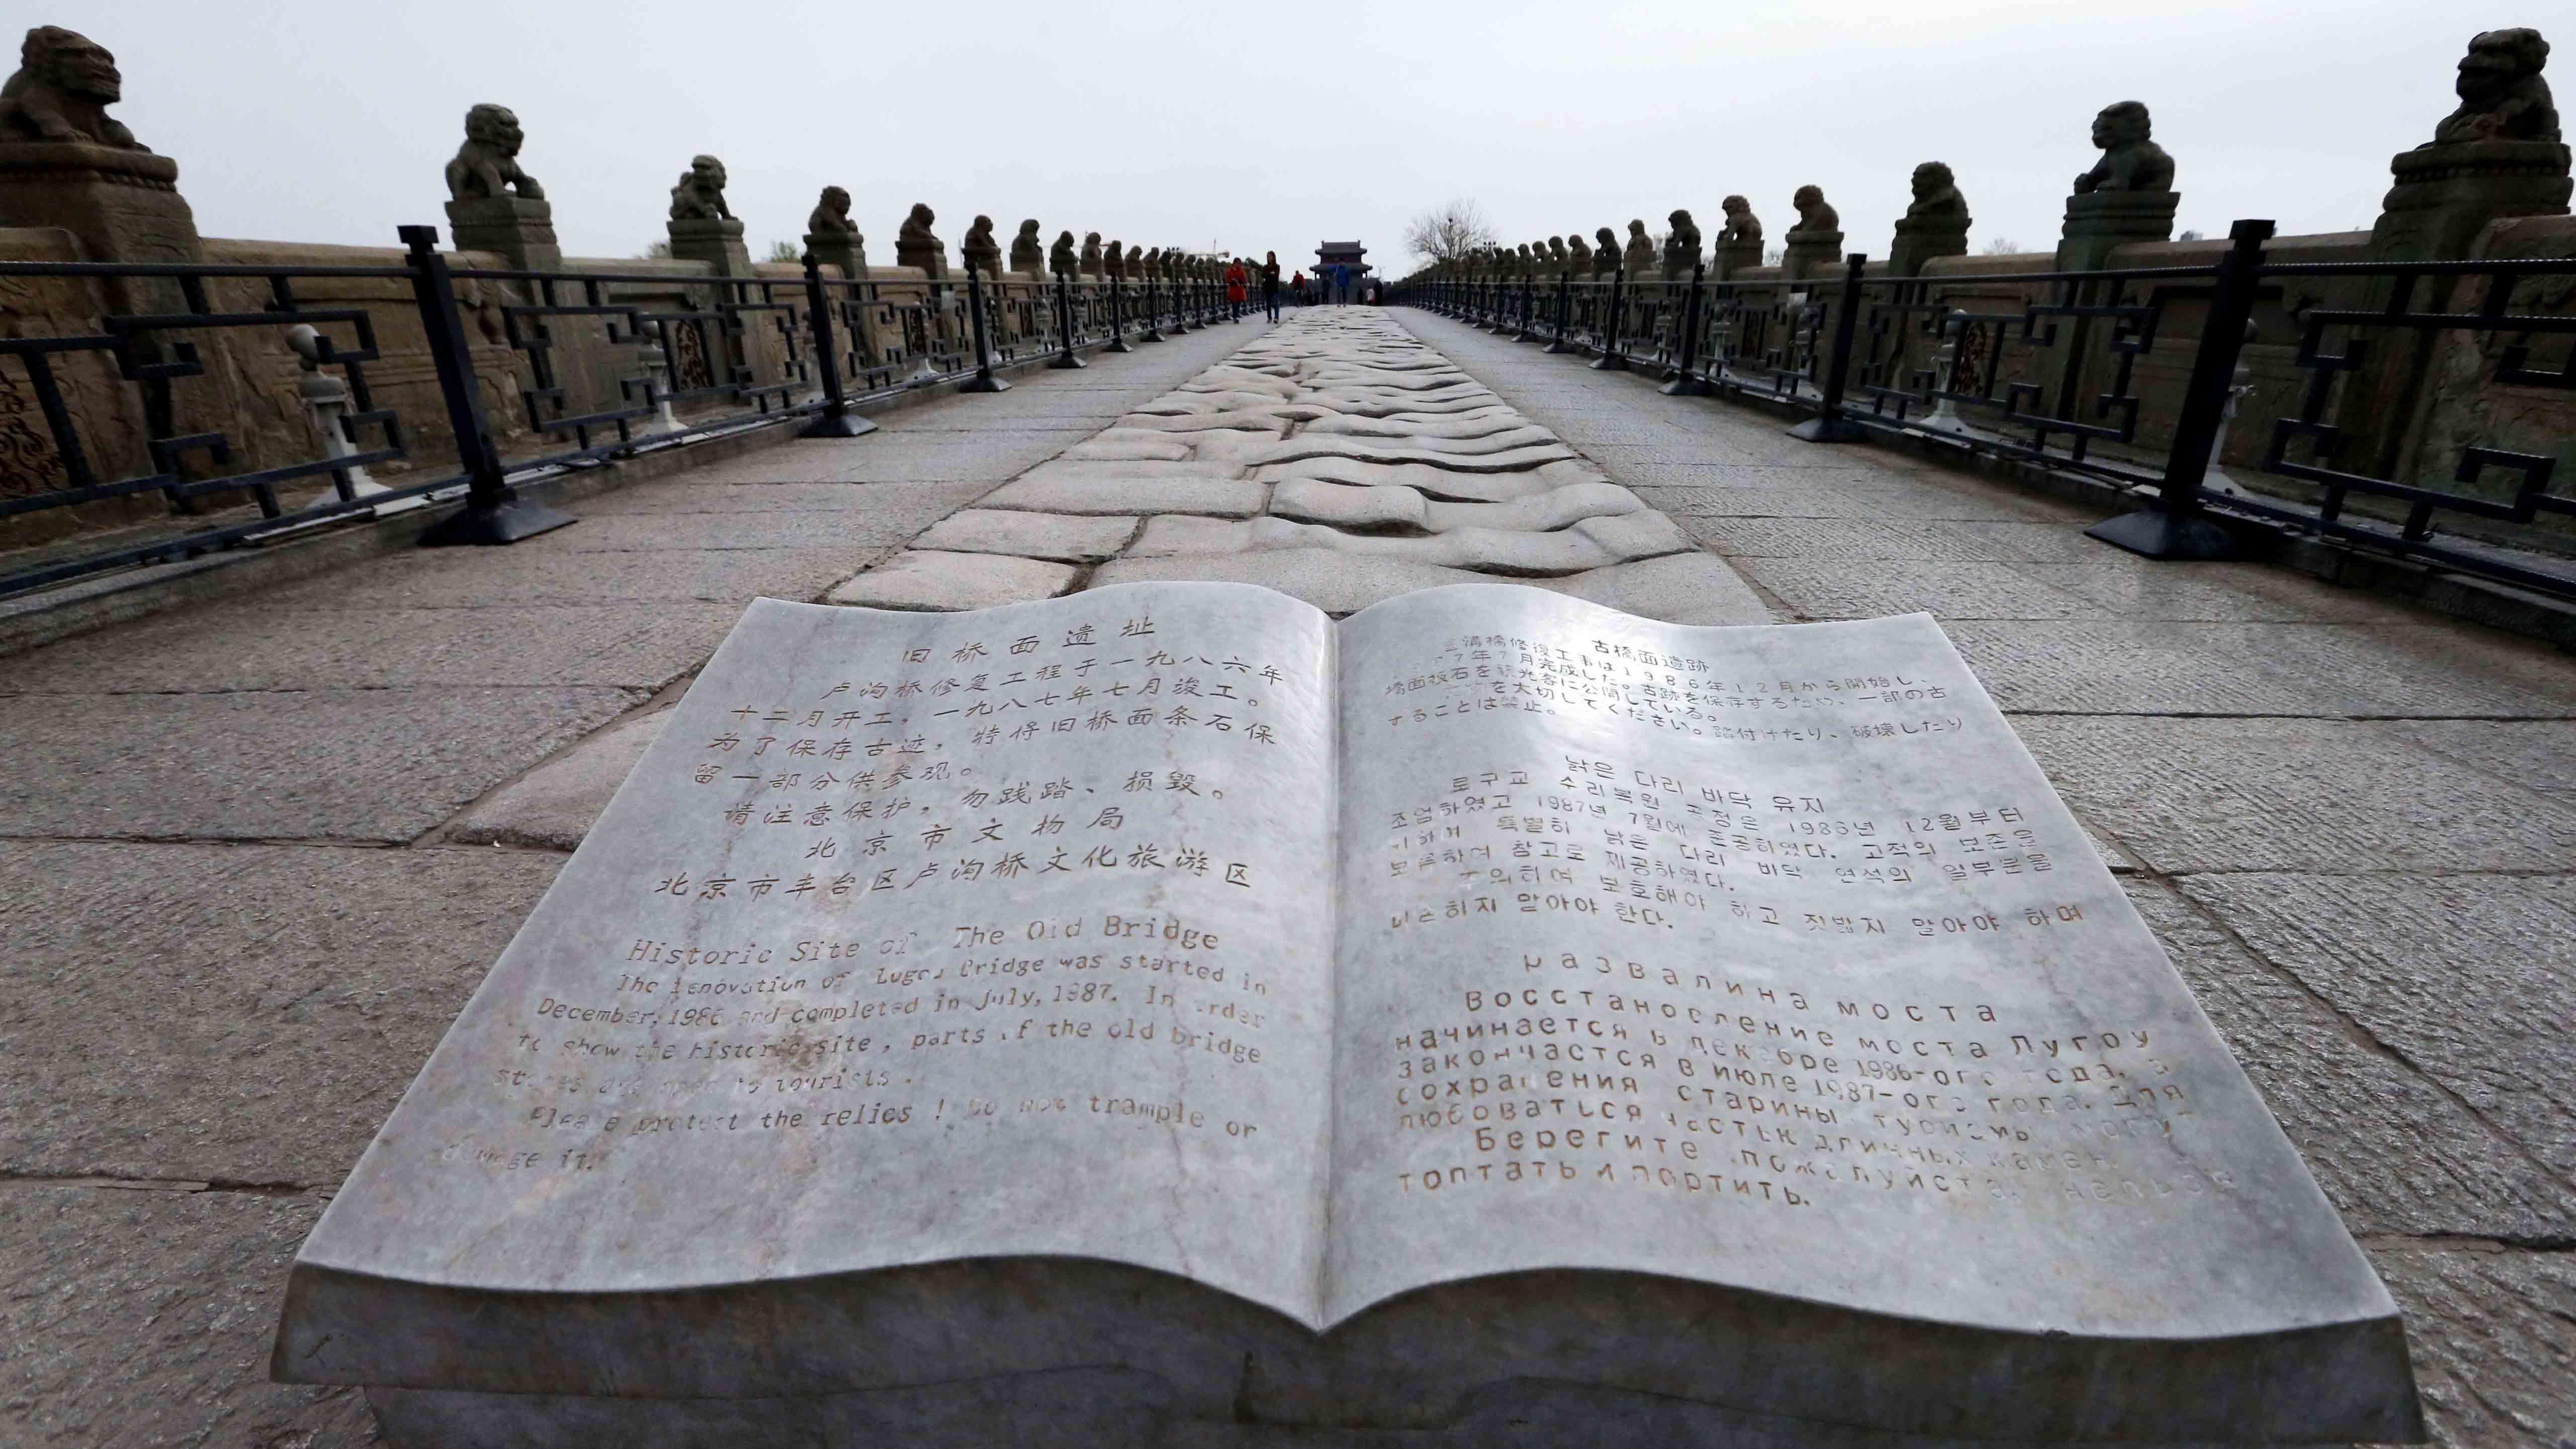 重走卢沟桥:今天我们怎样纪念